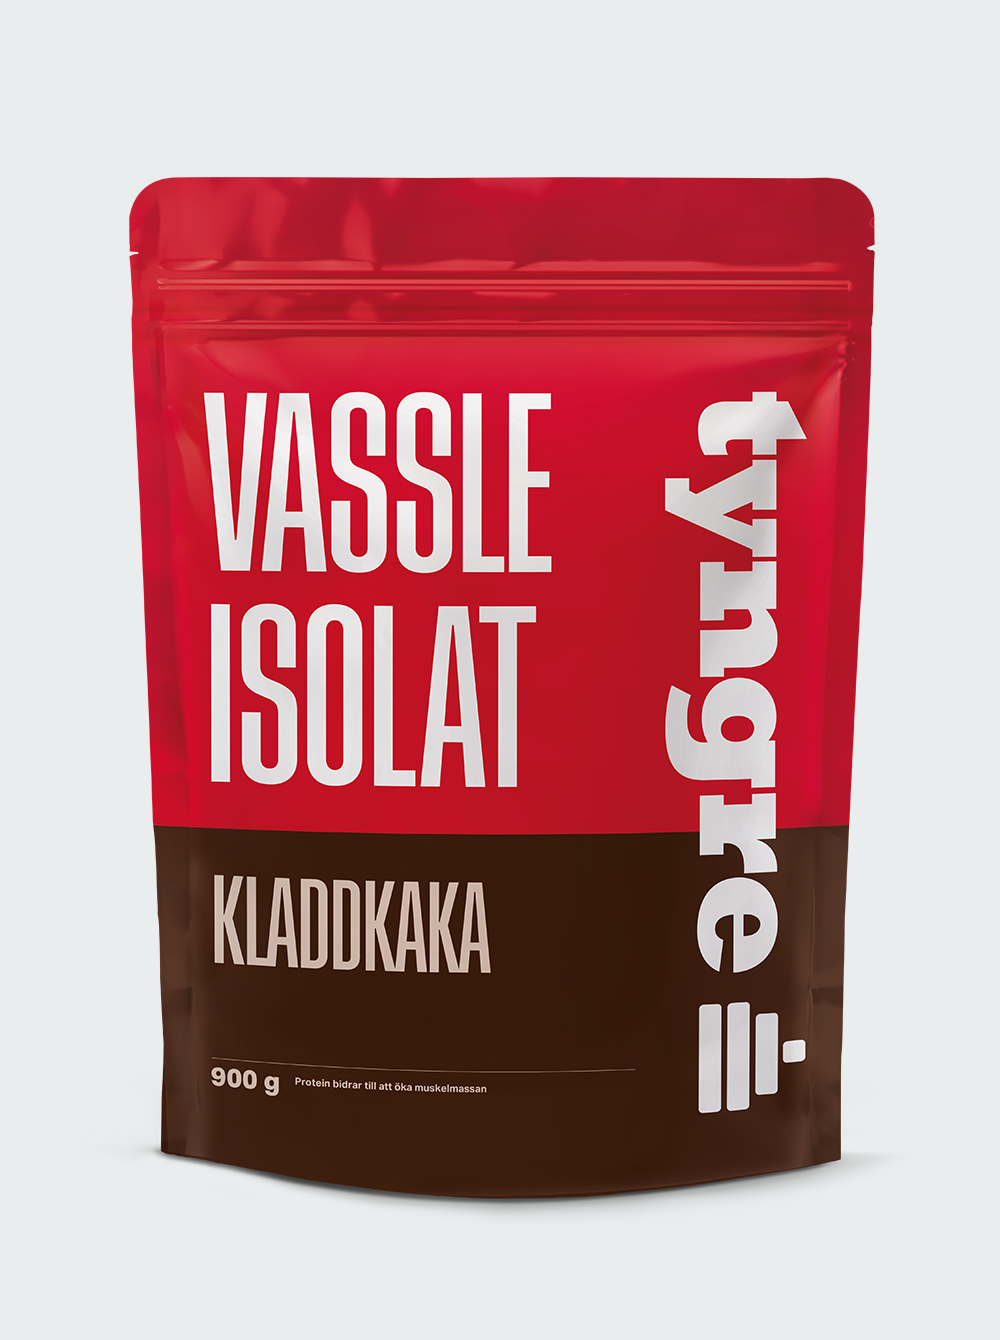 Vassleisolat Kladdkaka 900 g